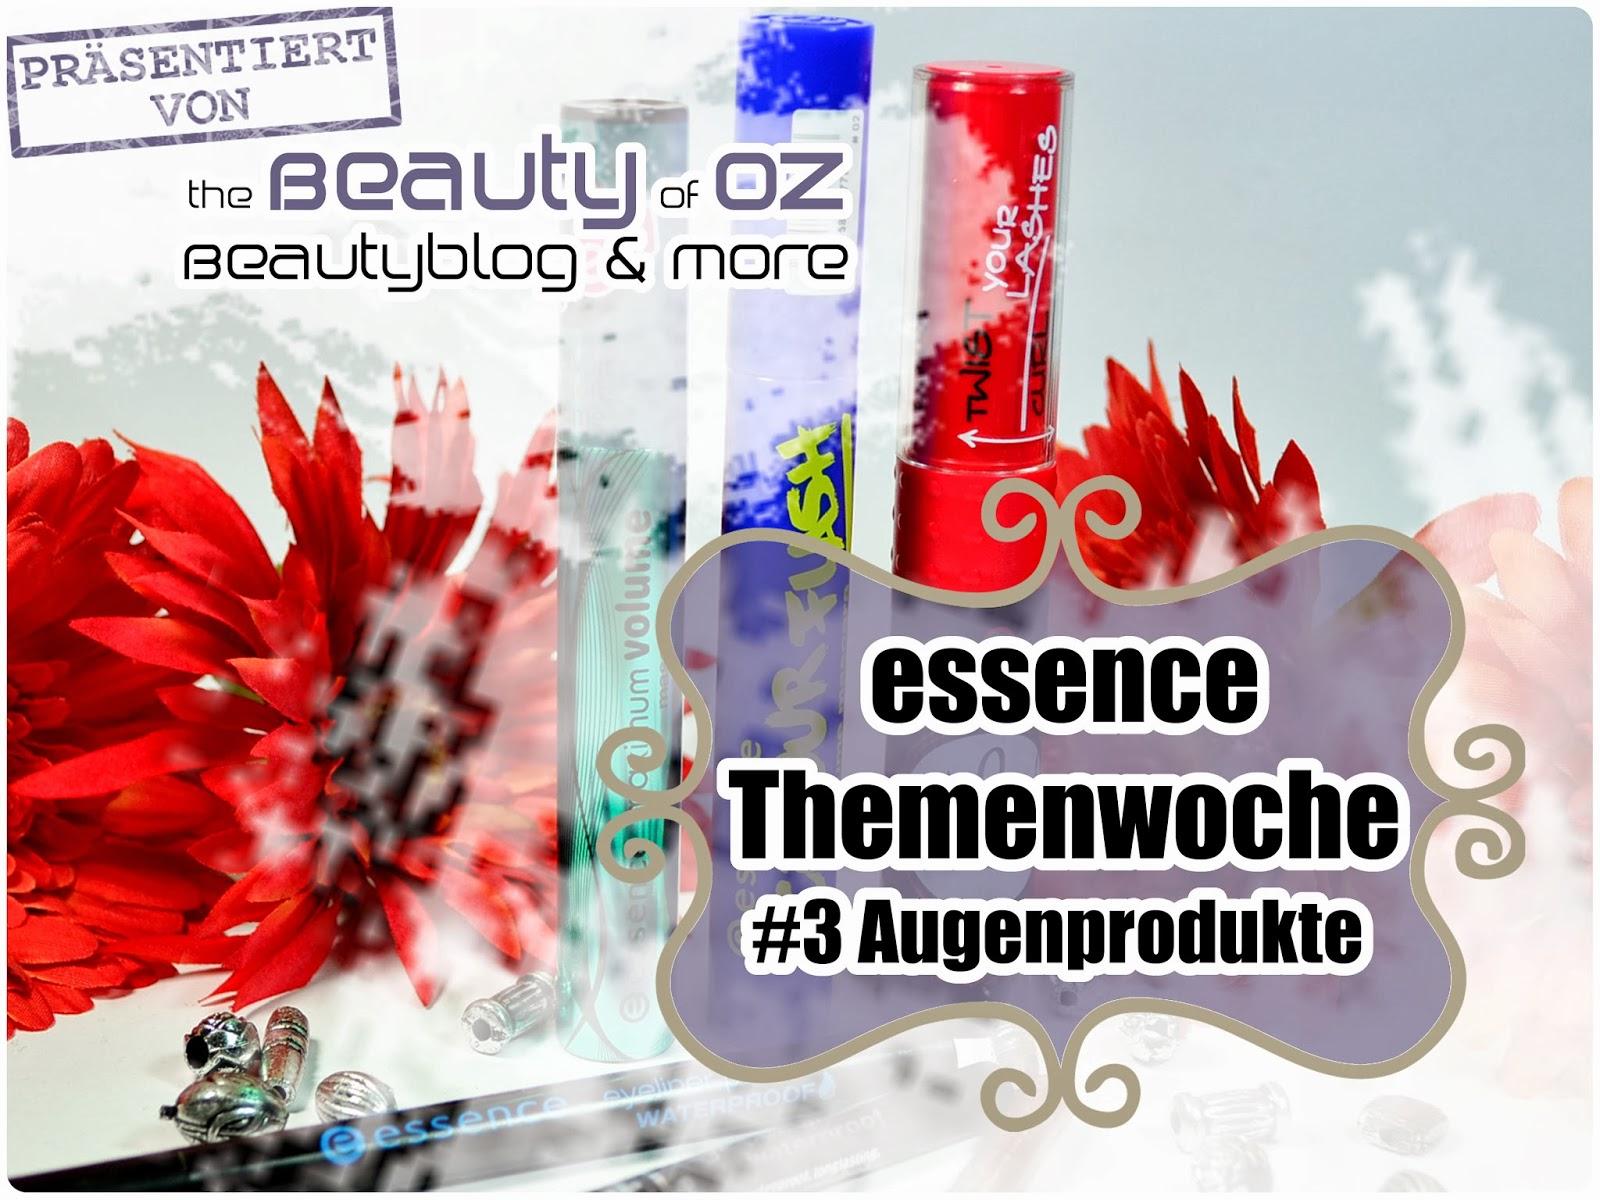 essence Neuheiten Augenprodukte im Frühjahr 2014